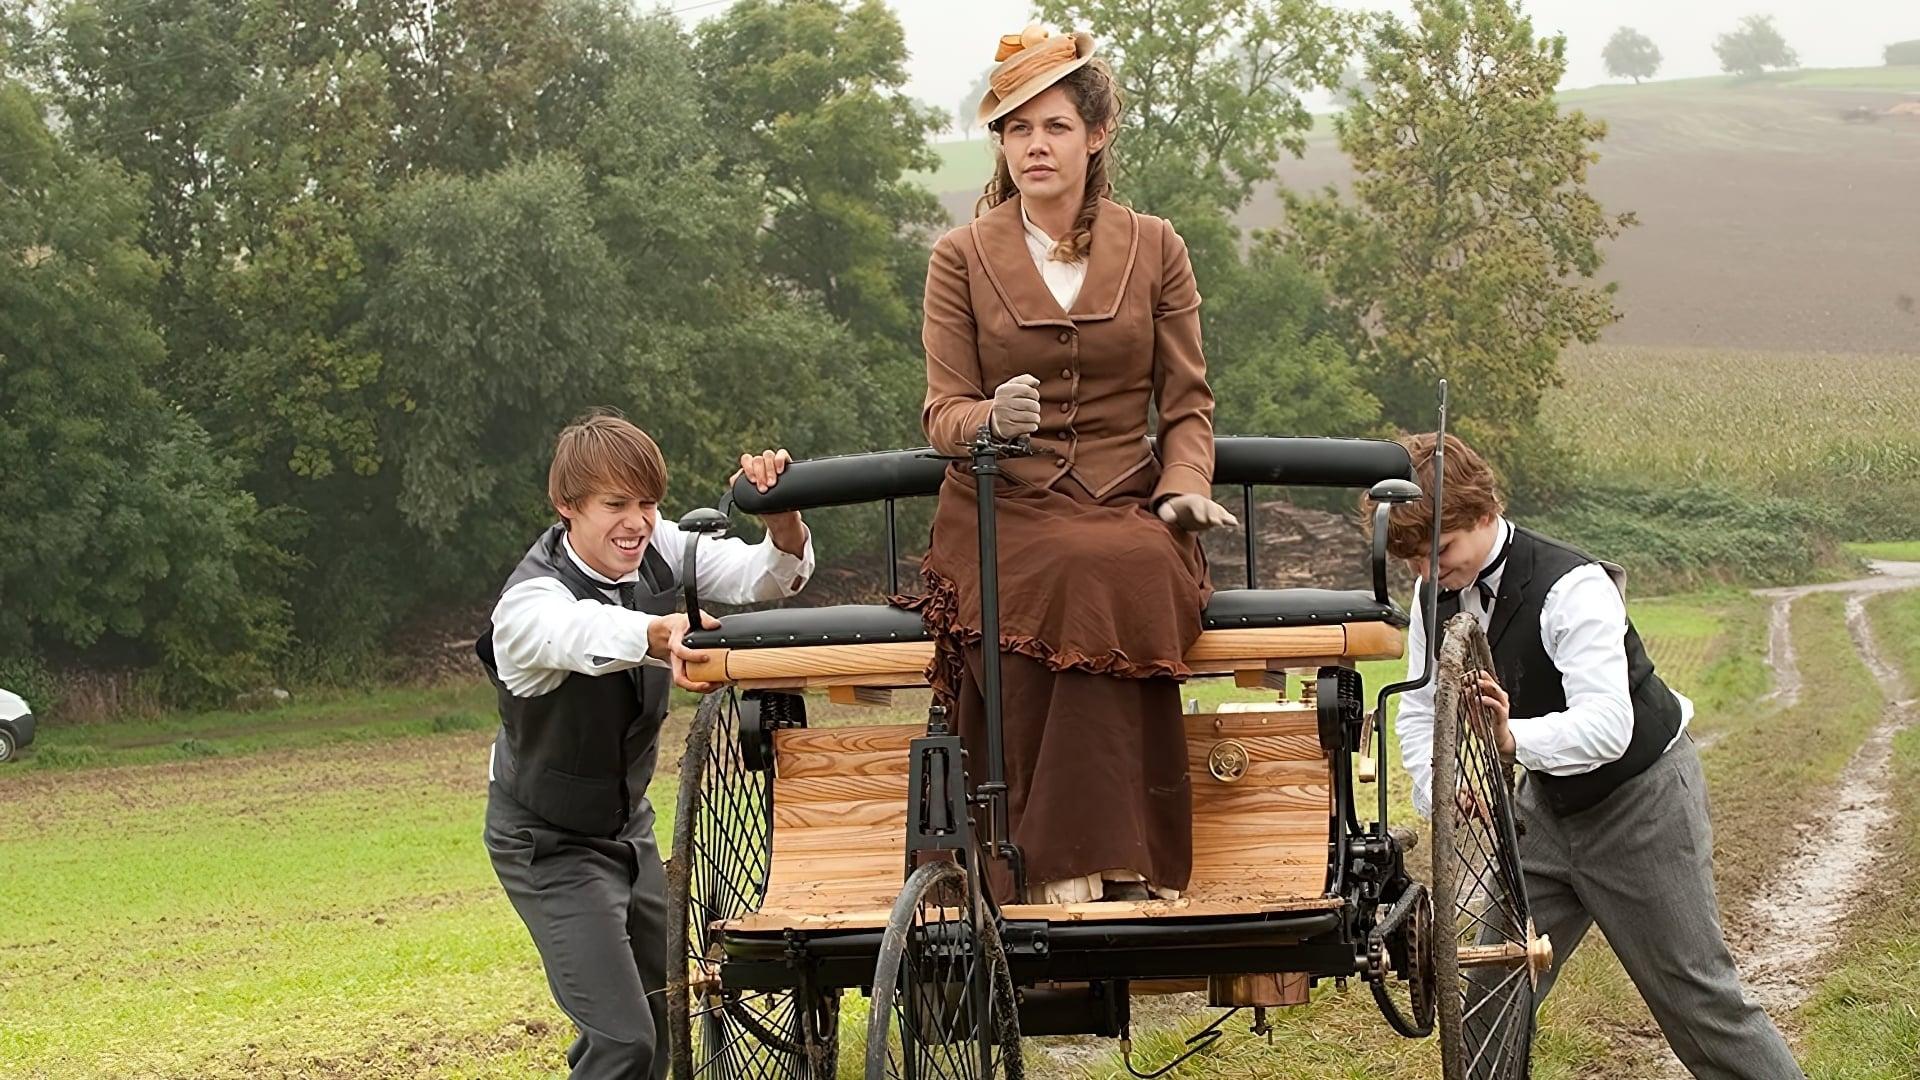 """Кадр из фильма """"Берта и Карл"""", Германия, 2011 год. Путешествие Берты и её сыновей"""